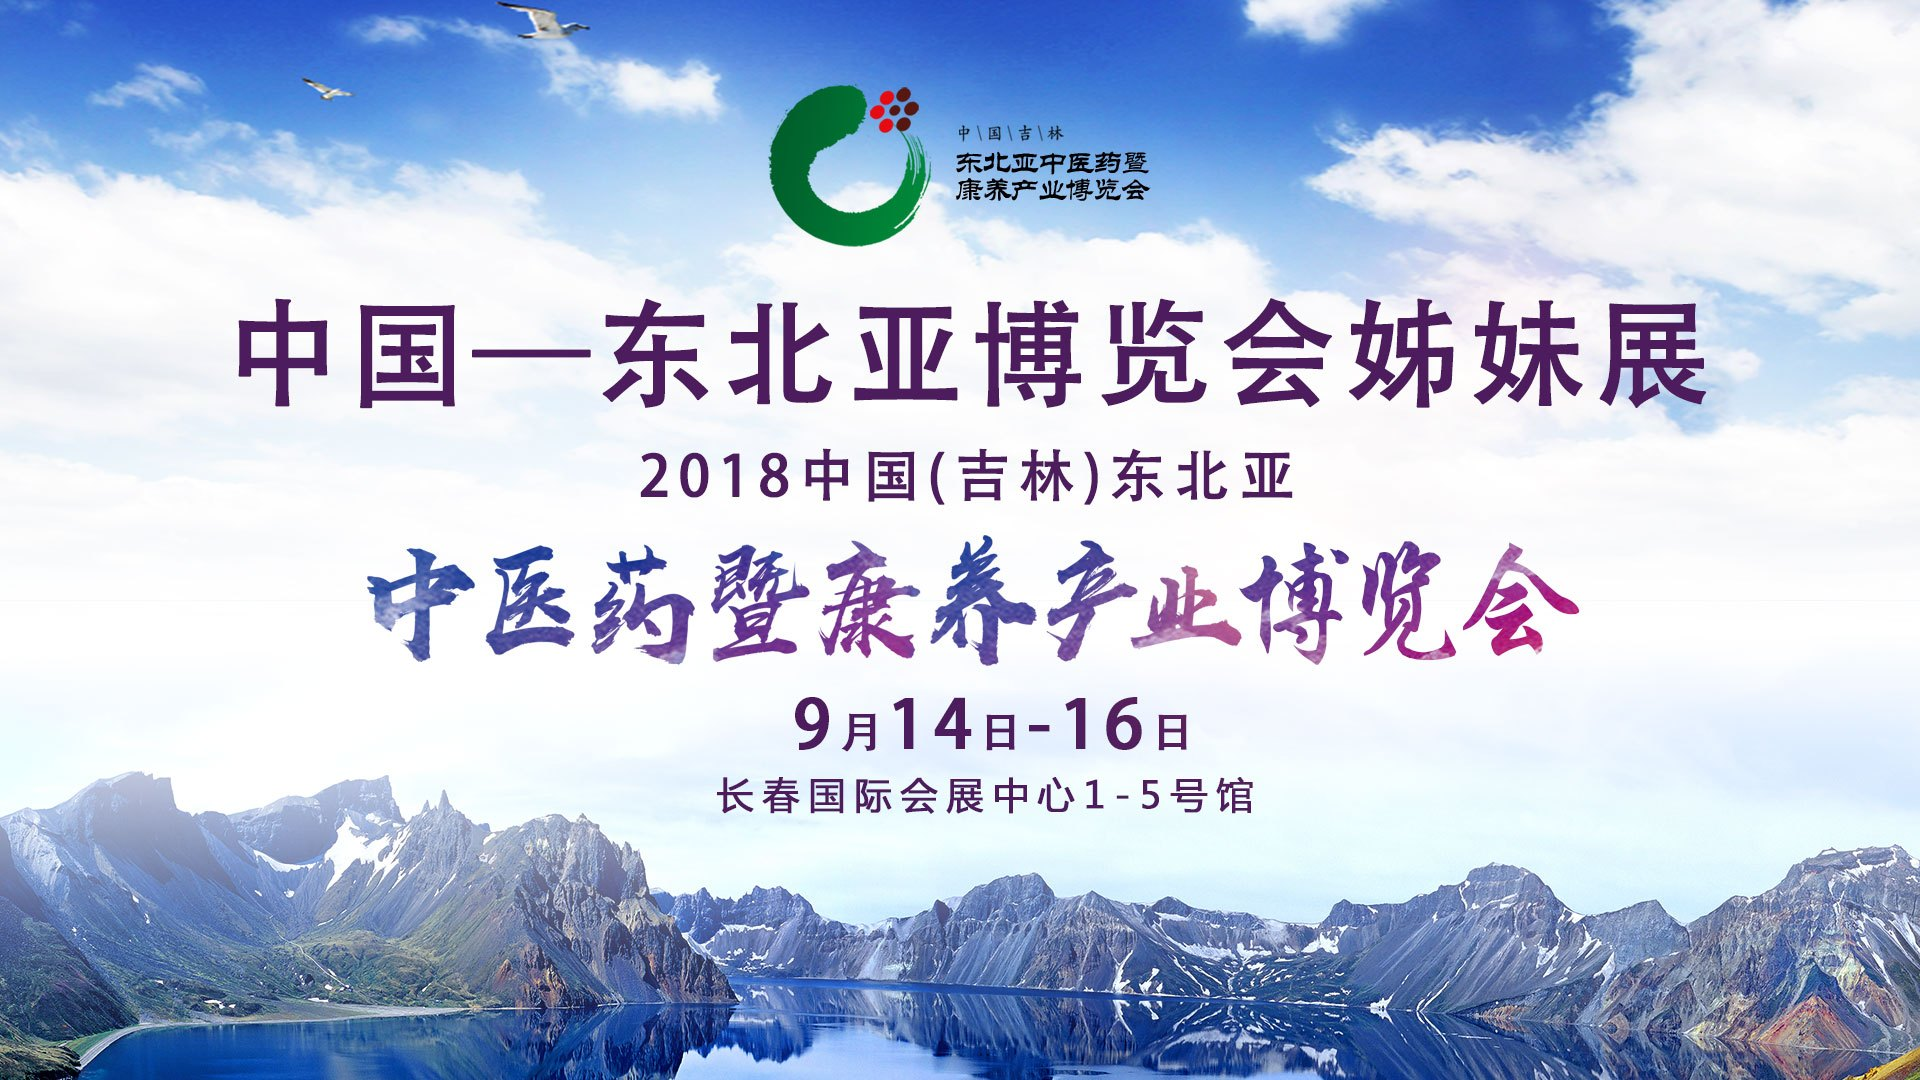 2018 东北亚中医药博览会搭建贸易交流平台 扩大吉林中医药产业交流水平